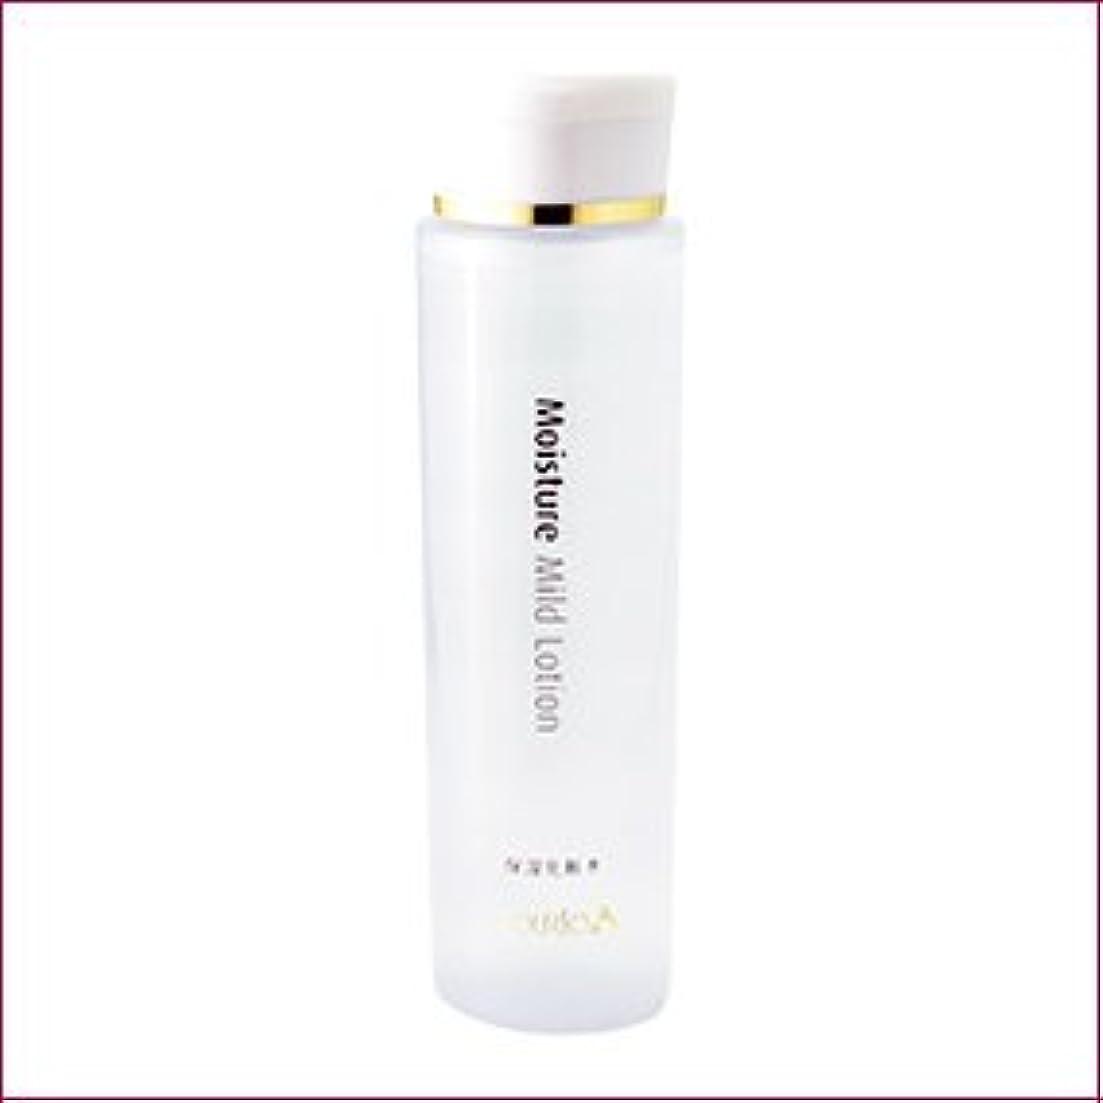 視聴者追い出す長方形ポルトA 超しっとりタイプ モイスチャー保湿化粧水 R